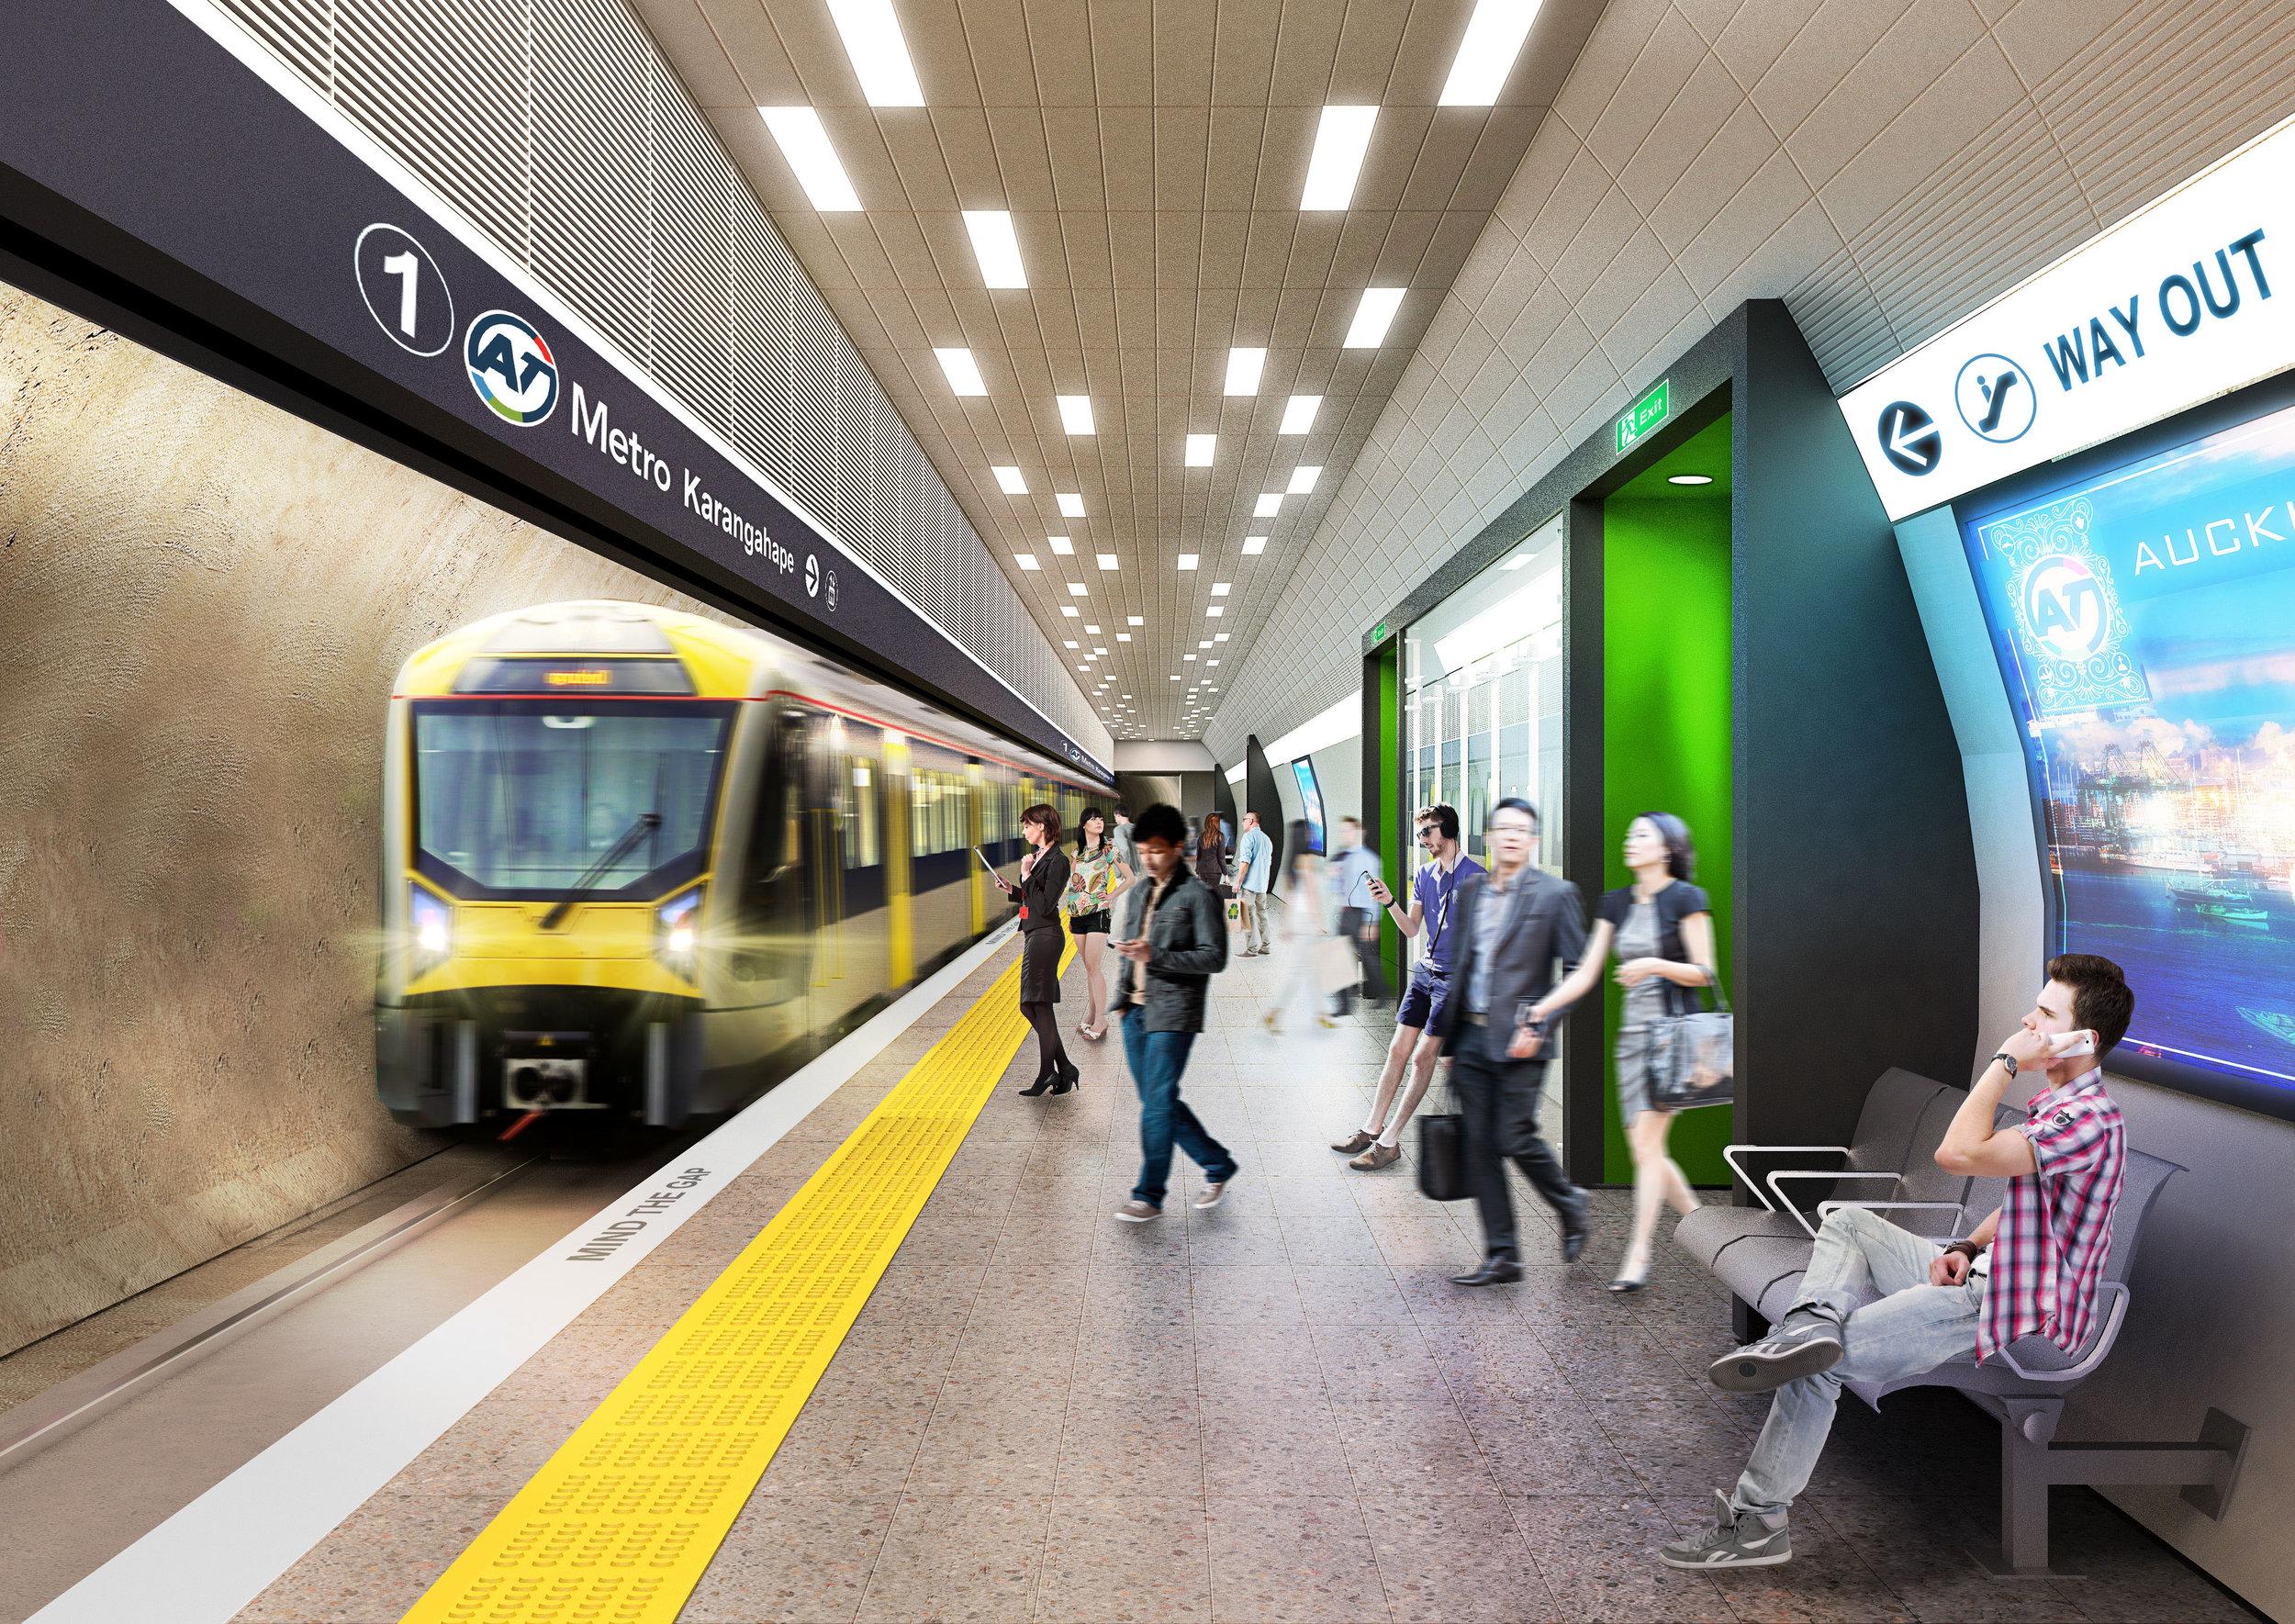 K+Rd+CRL+station+tunnel.jpg